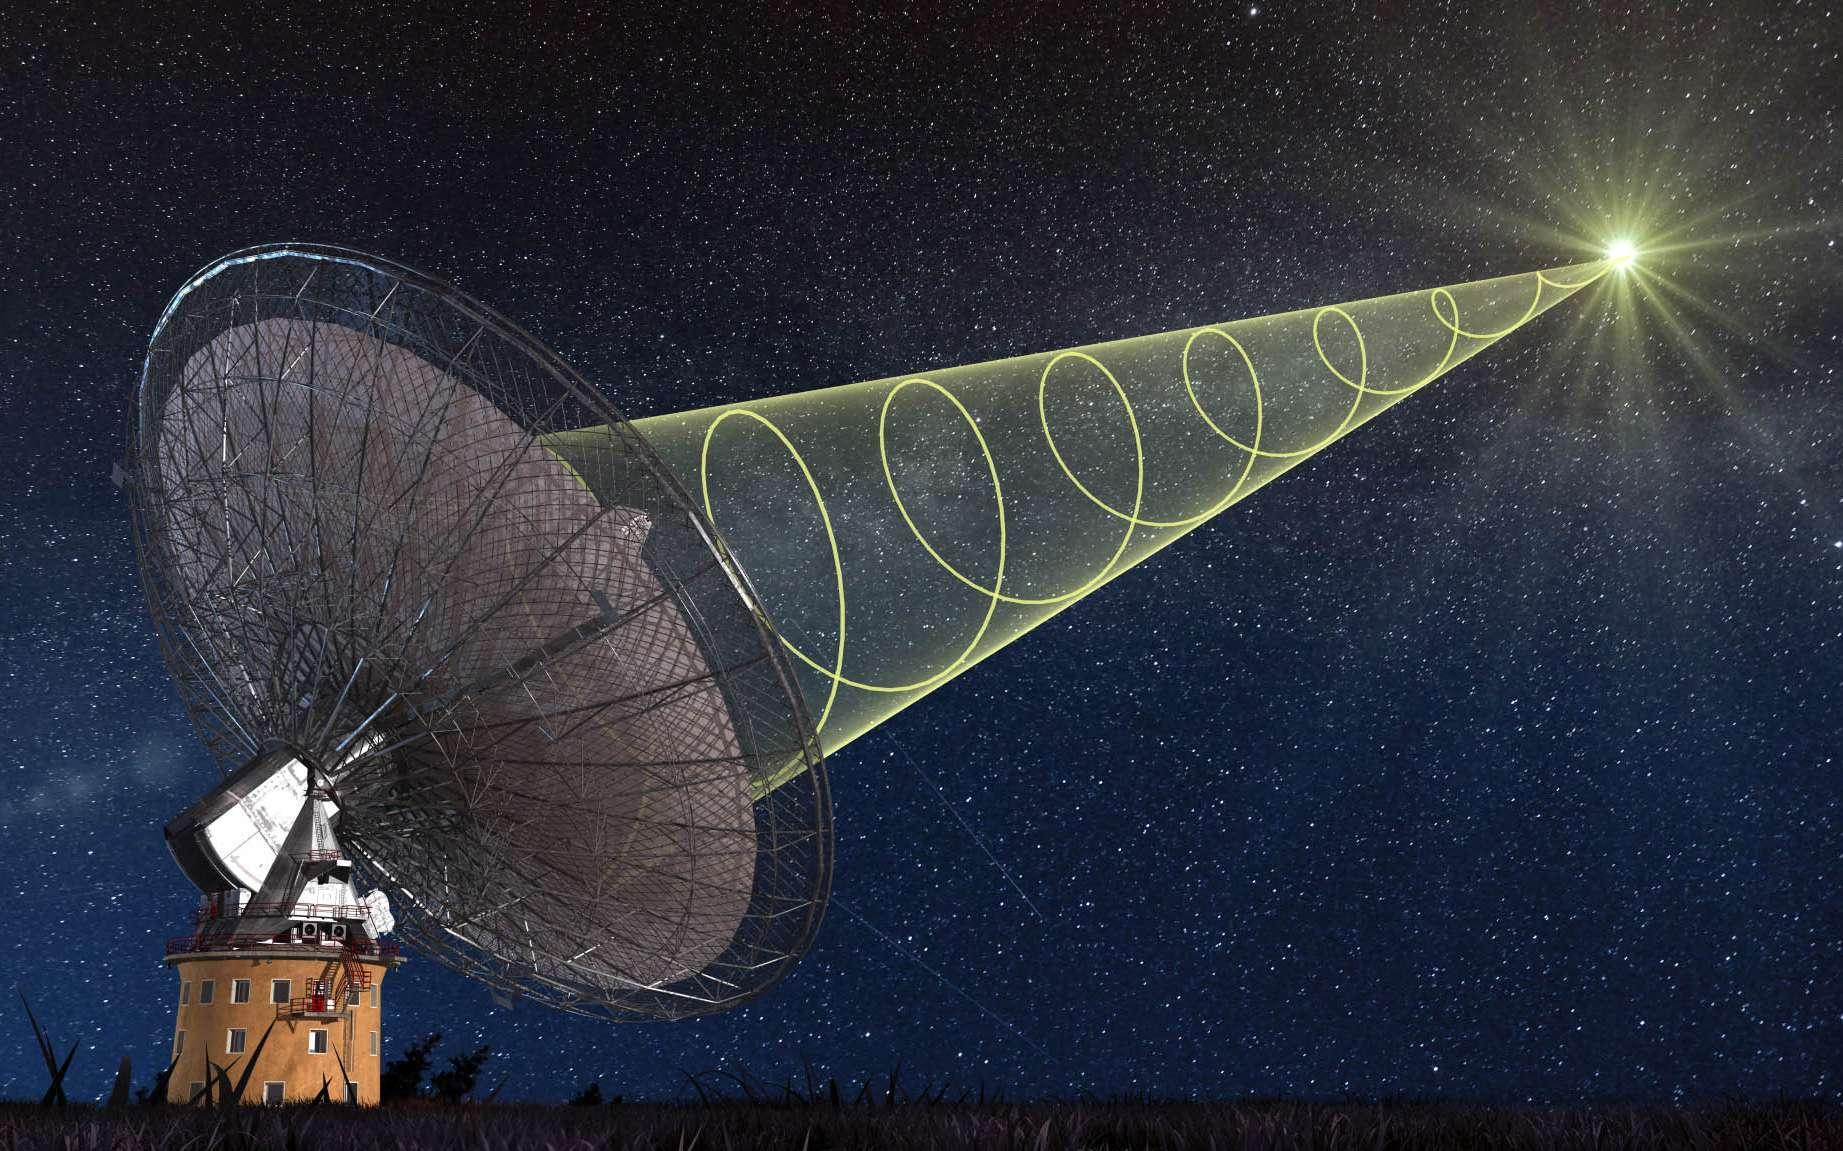 Une vue d'artiste d'un FRB observé par le radiotélescope de Parkes. © Swinburne Astronomy Productions